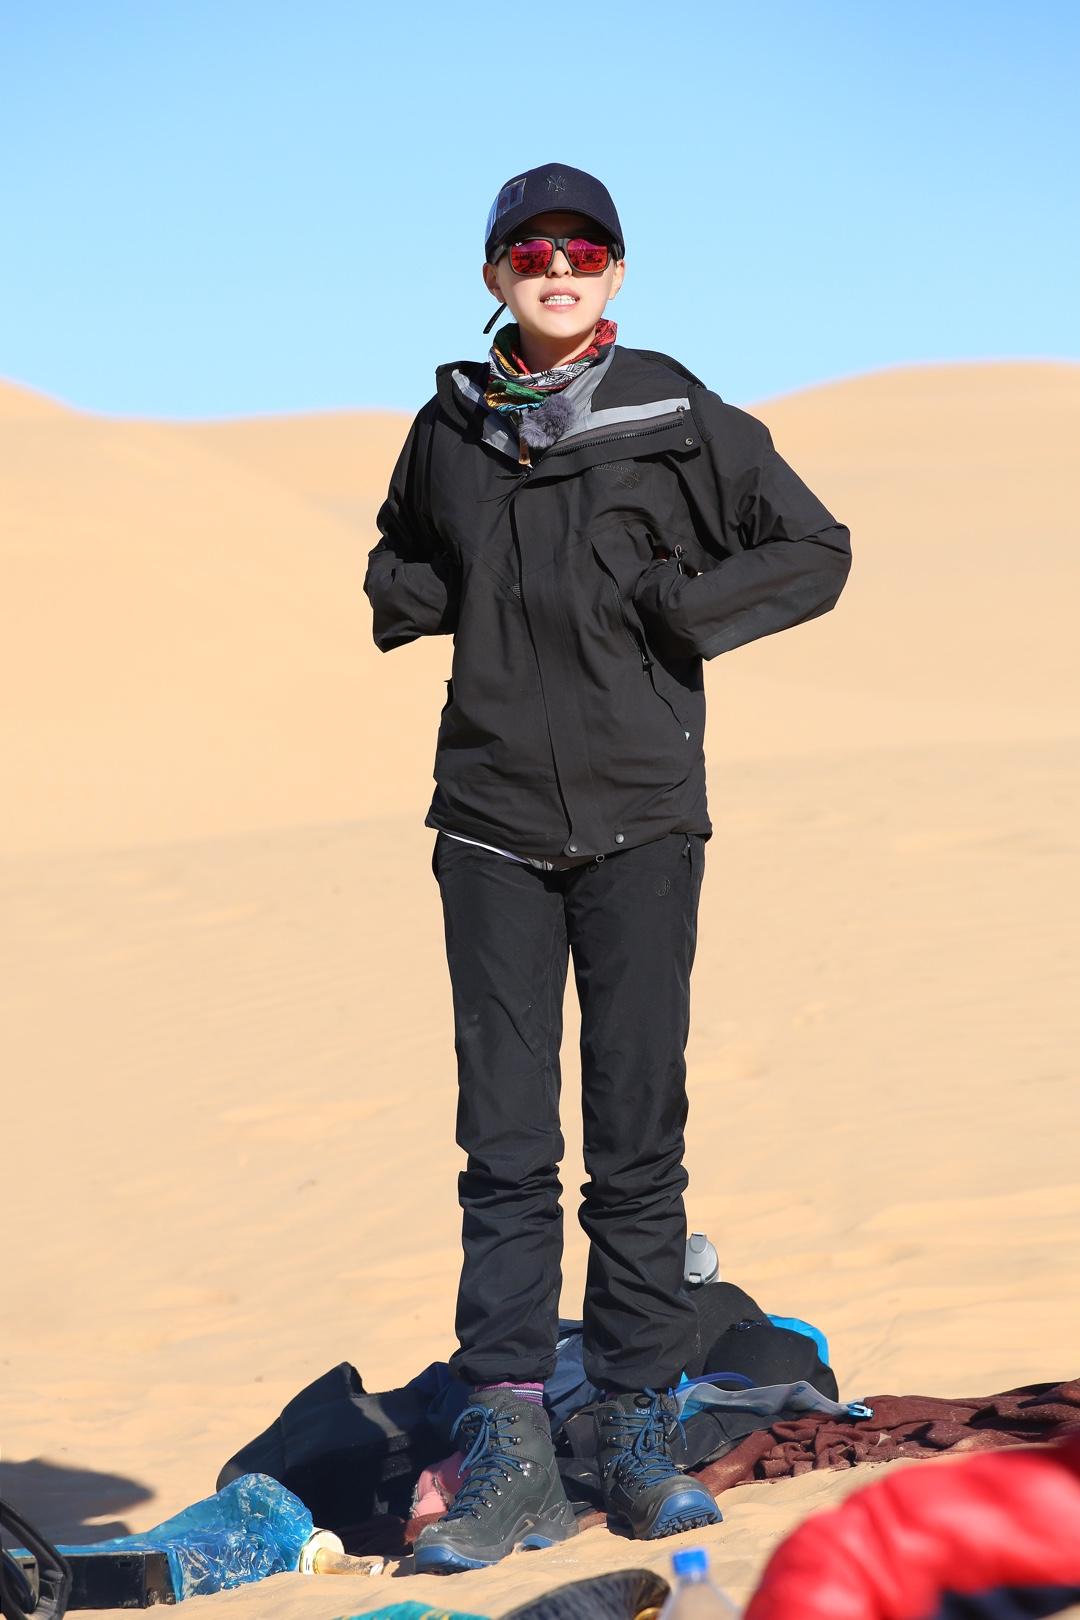 我们横冲直撞到沙漠里啦!!!十足南方来的我表示很激动~🙀但也被风沙惊到了。 在沙漠这样的地方首要考虑的就是防风防沙,功能性最重要。把自己裹得严严实实的了!🤭紫外线休想伤害我!鸭舌帽连我的头发也要保护好,今天也是精致的猪猪女孩。😼 还有我能装万物的双肩包,外出的必备单品,能塞进宇宙才让我安心~ 继续fo节目吧,下次穿的有惊喜!🤗